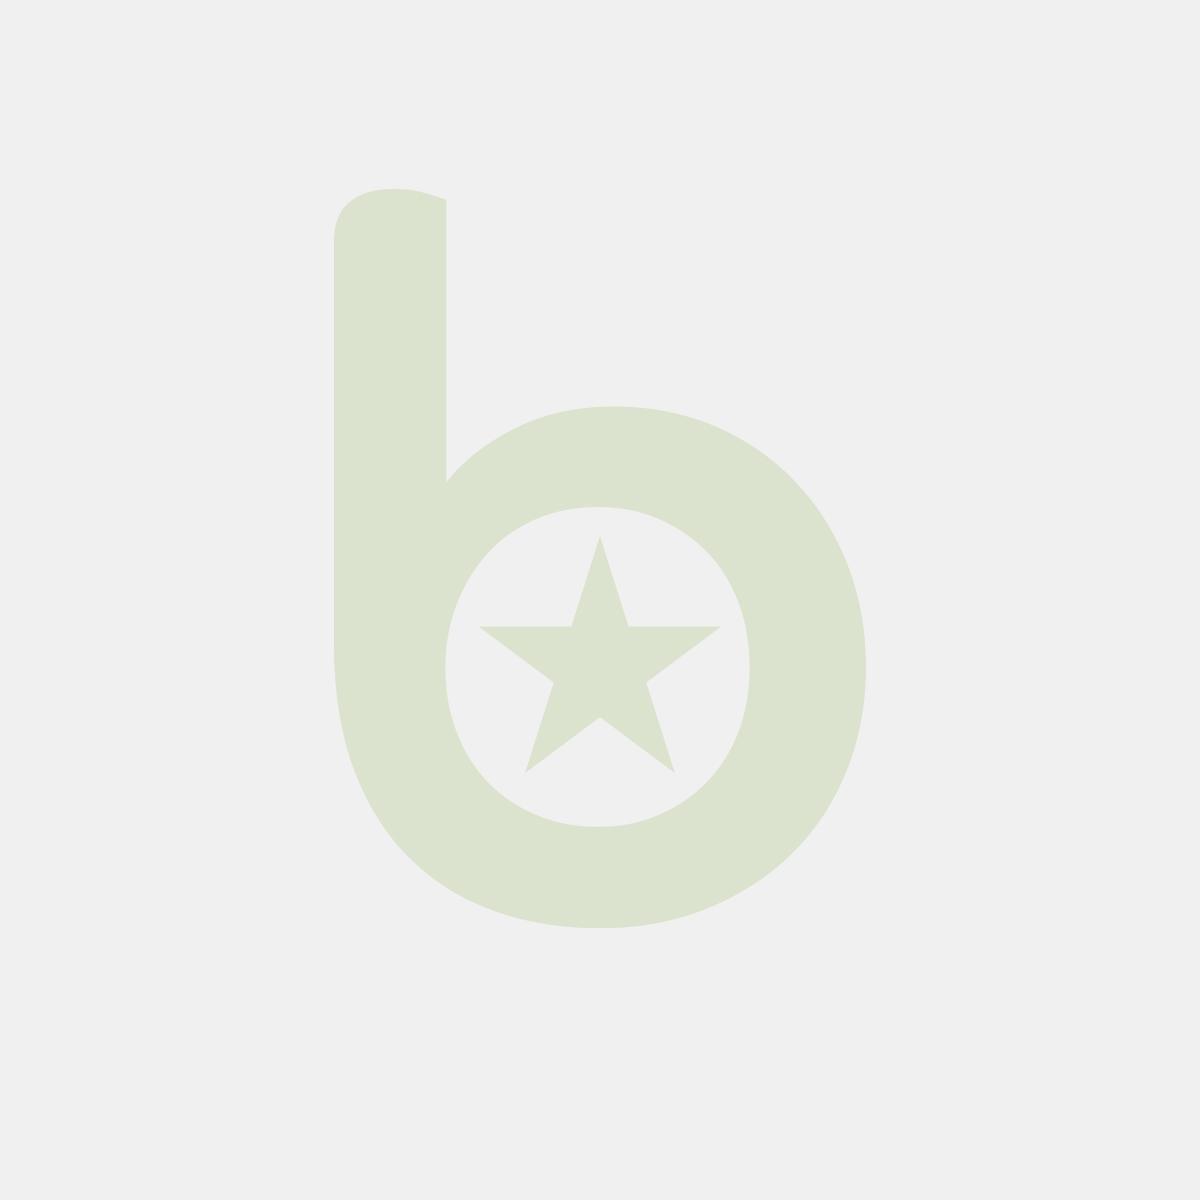 Piórnik szkolny GIMBOO, ekon. z wyposażeniem, 1 komora, 1 przekładka, mix kolorów